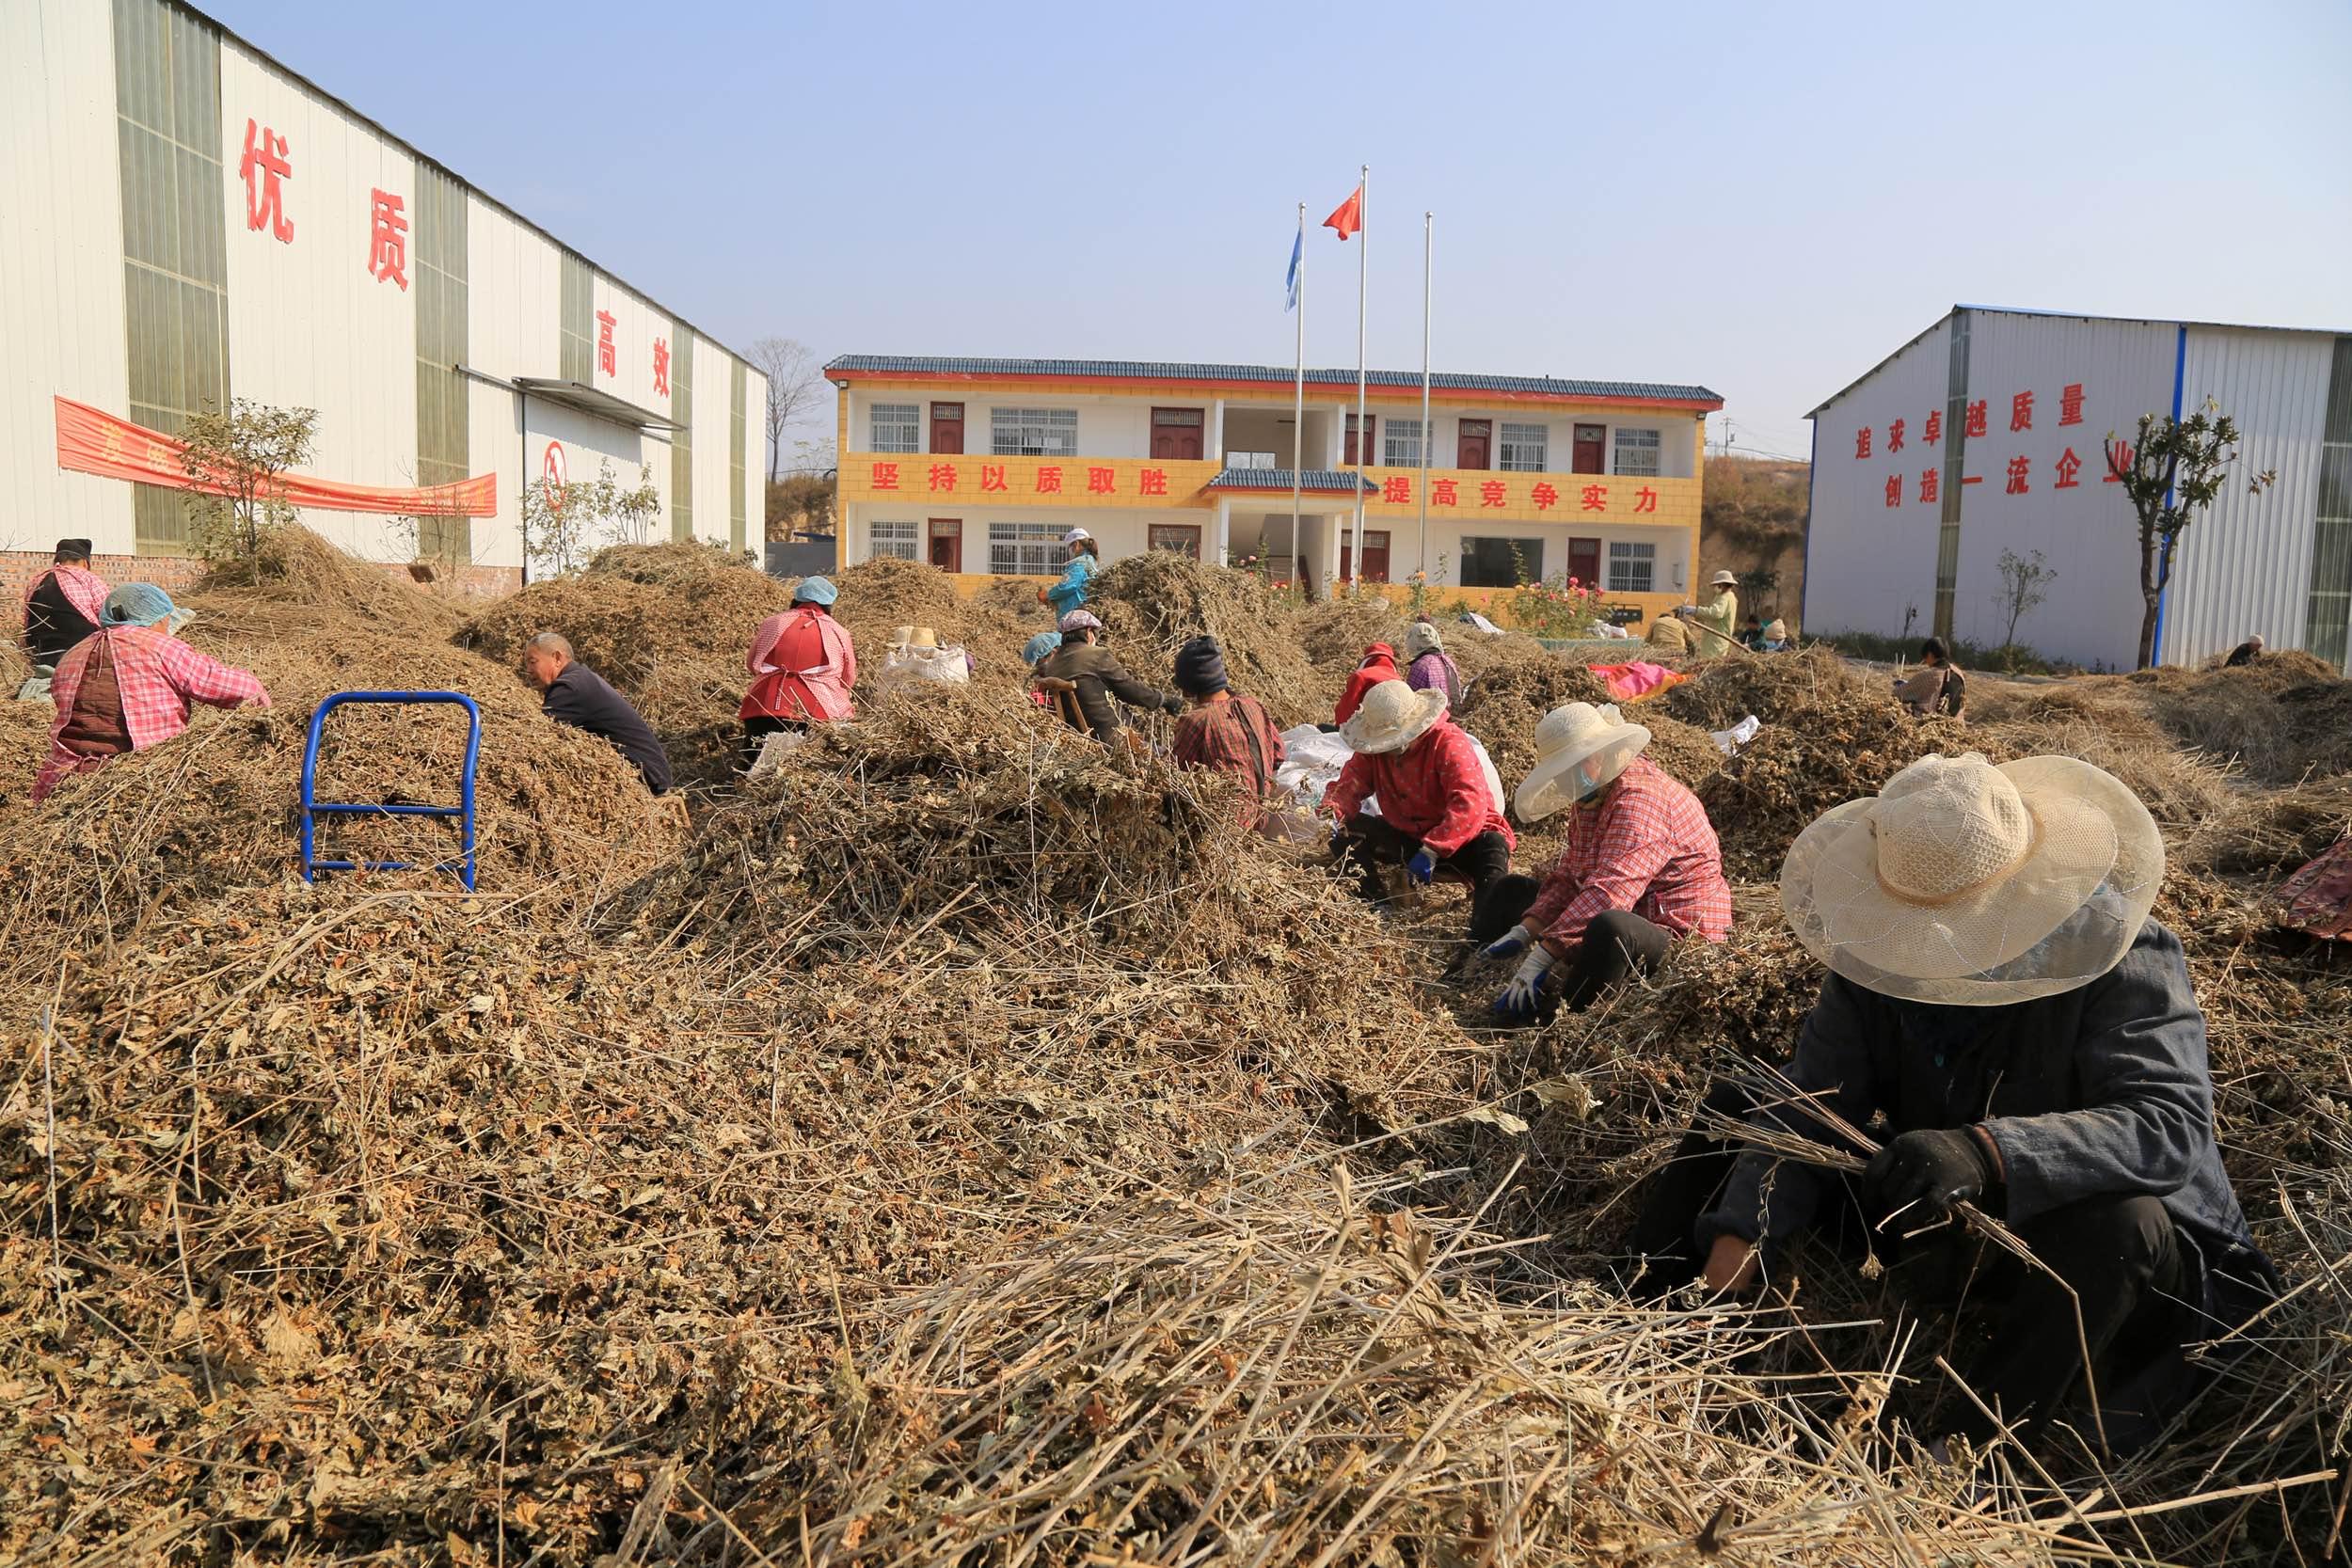 南召县石门乡弘康艾制品有限公司里群众在忙碌地分拣、捋叶。